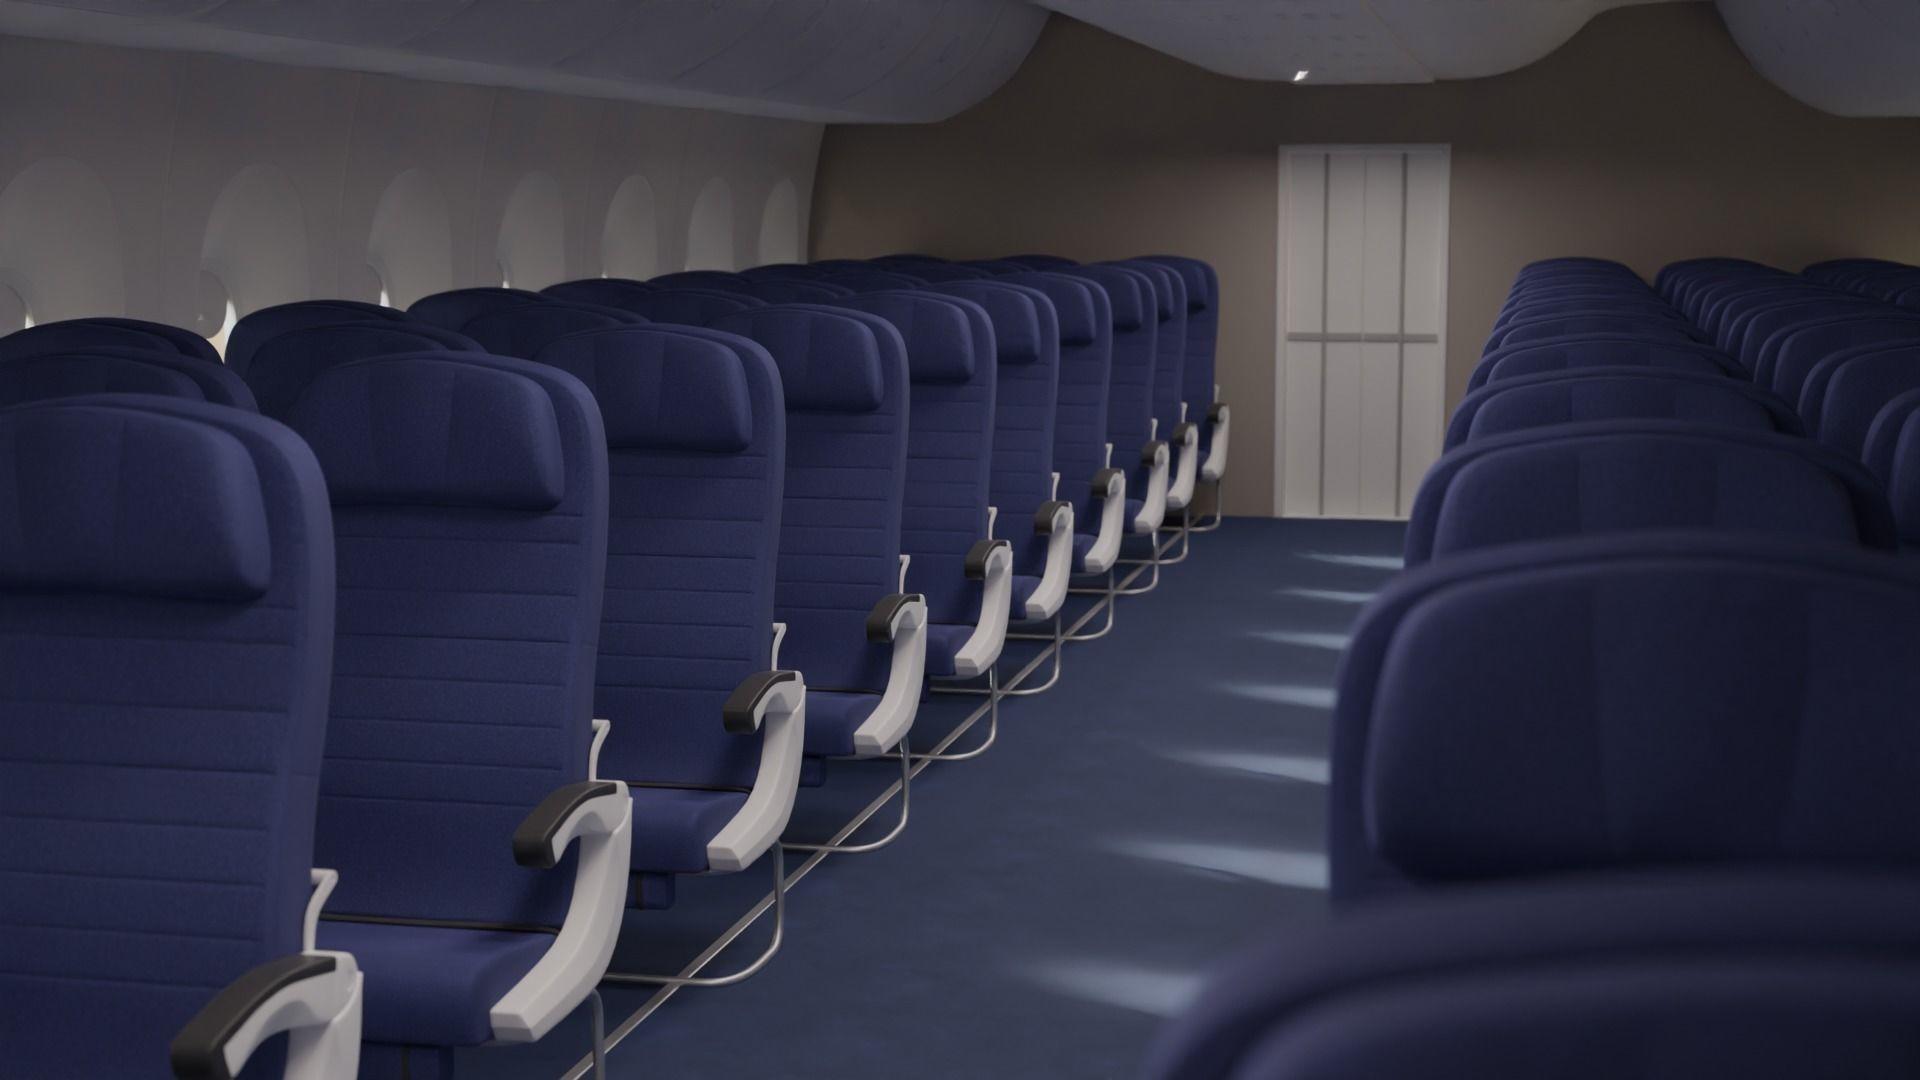 Boeing 747 Airplane Economy Seats